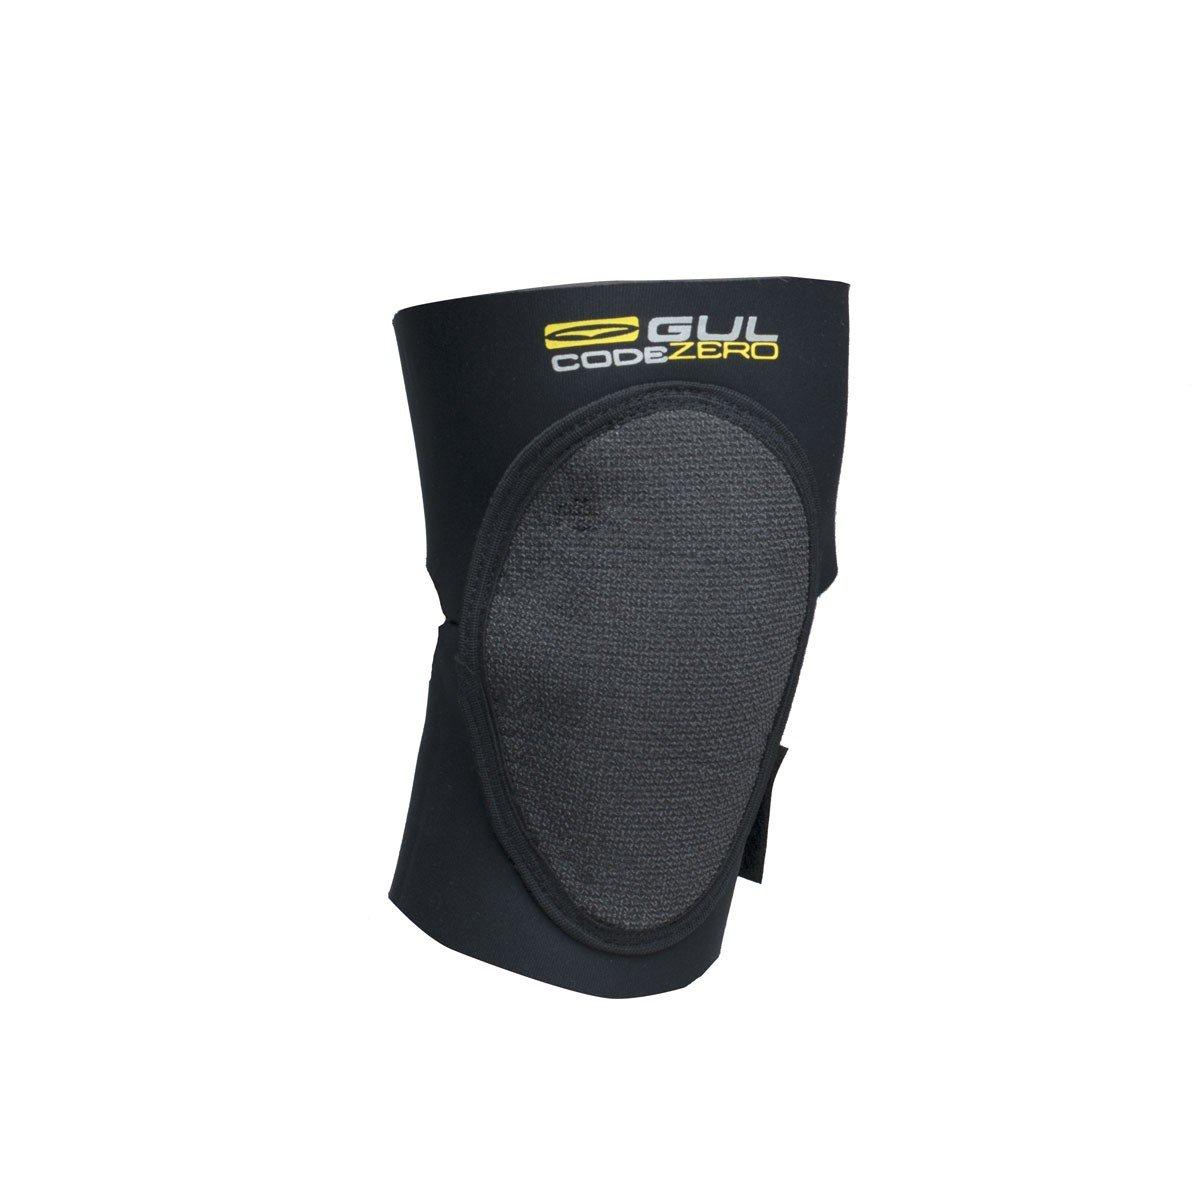 Gul Pro Knee Pads         Gm0019-B1